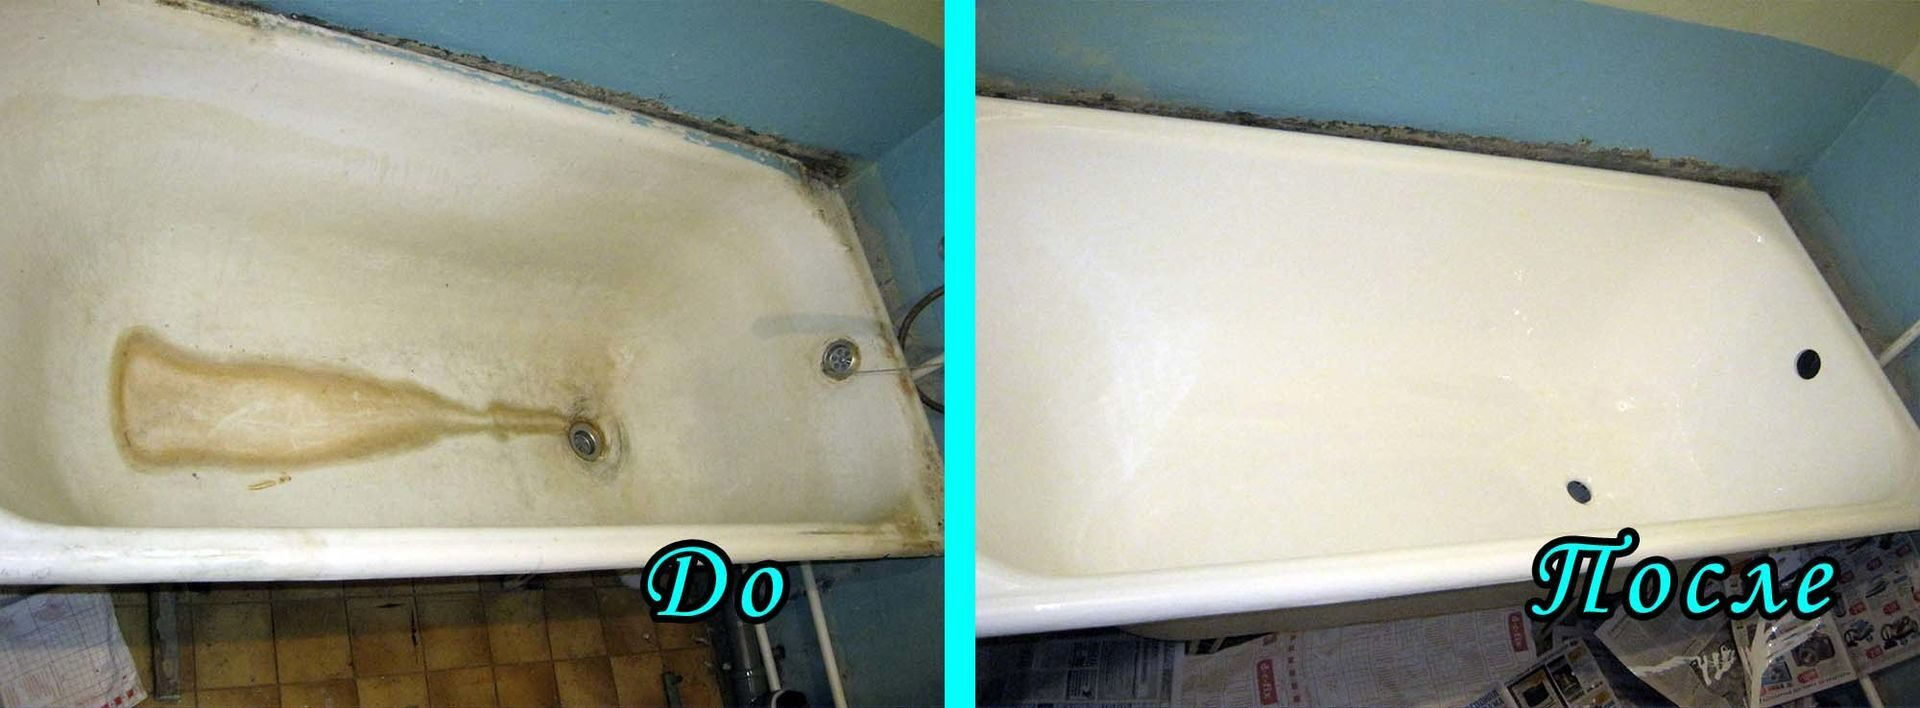 Как обновить ванну в домашних условиях своими руками